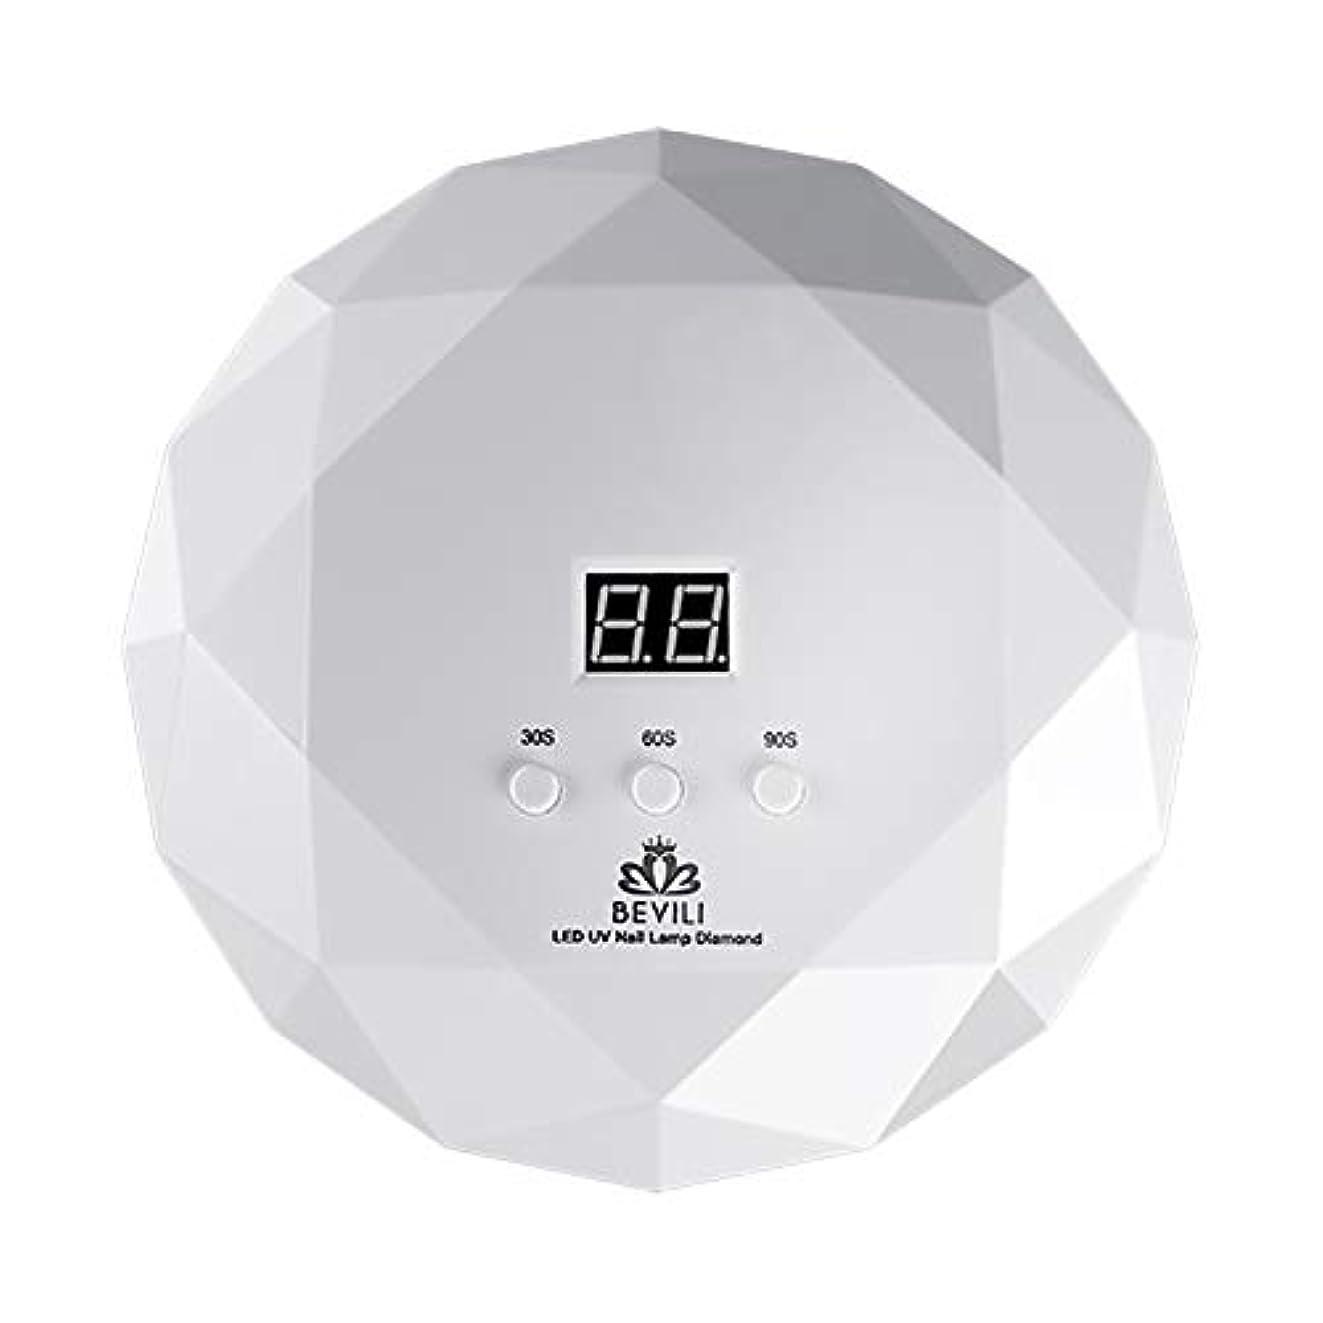 インシュレータスパーク資格LITI LEDネイルドライヤー UVネイルライト 36Wハイパワー 自動センサー 3段階タイマー設定 高速硬化ジェルネイルライト UVとLEDダブルライト肌をケア ジェルネイル用 ホワイト